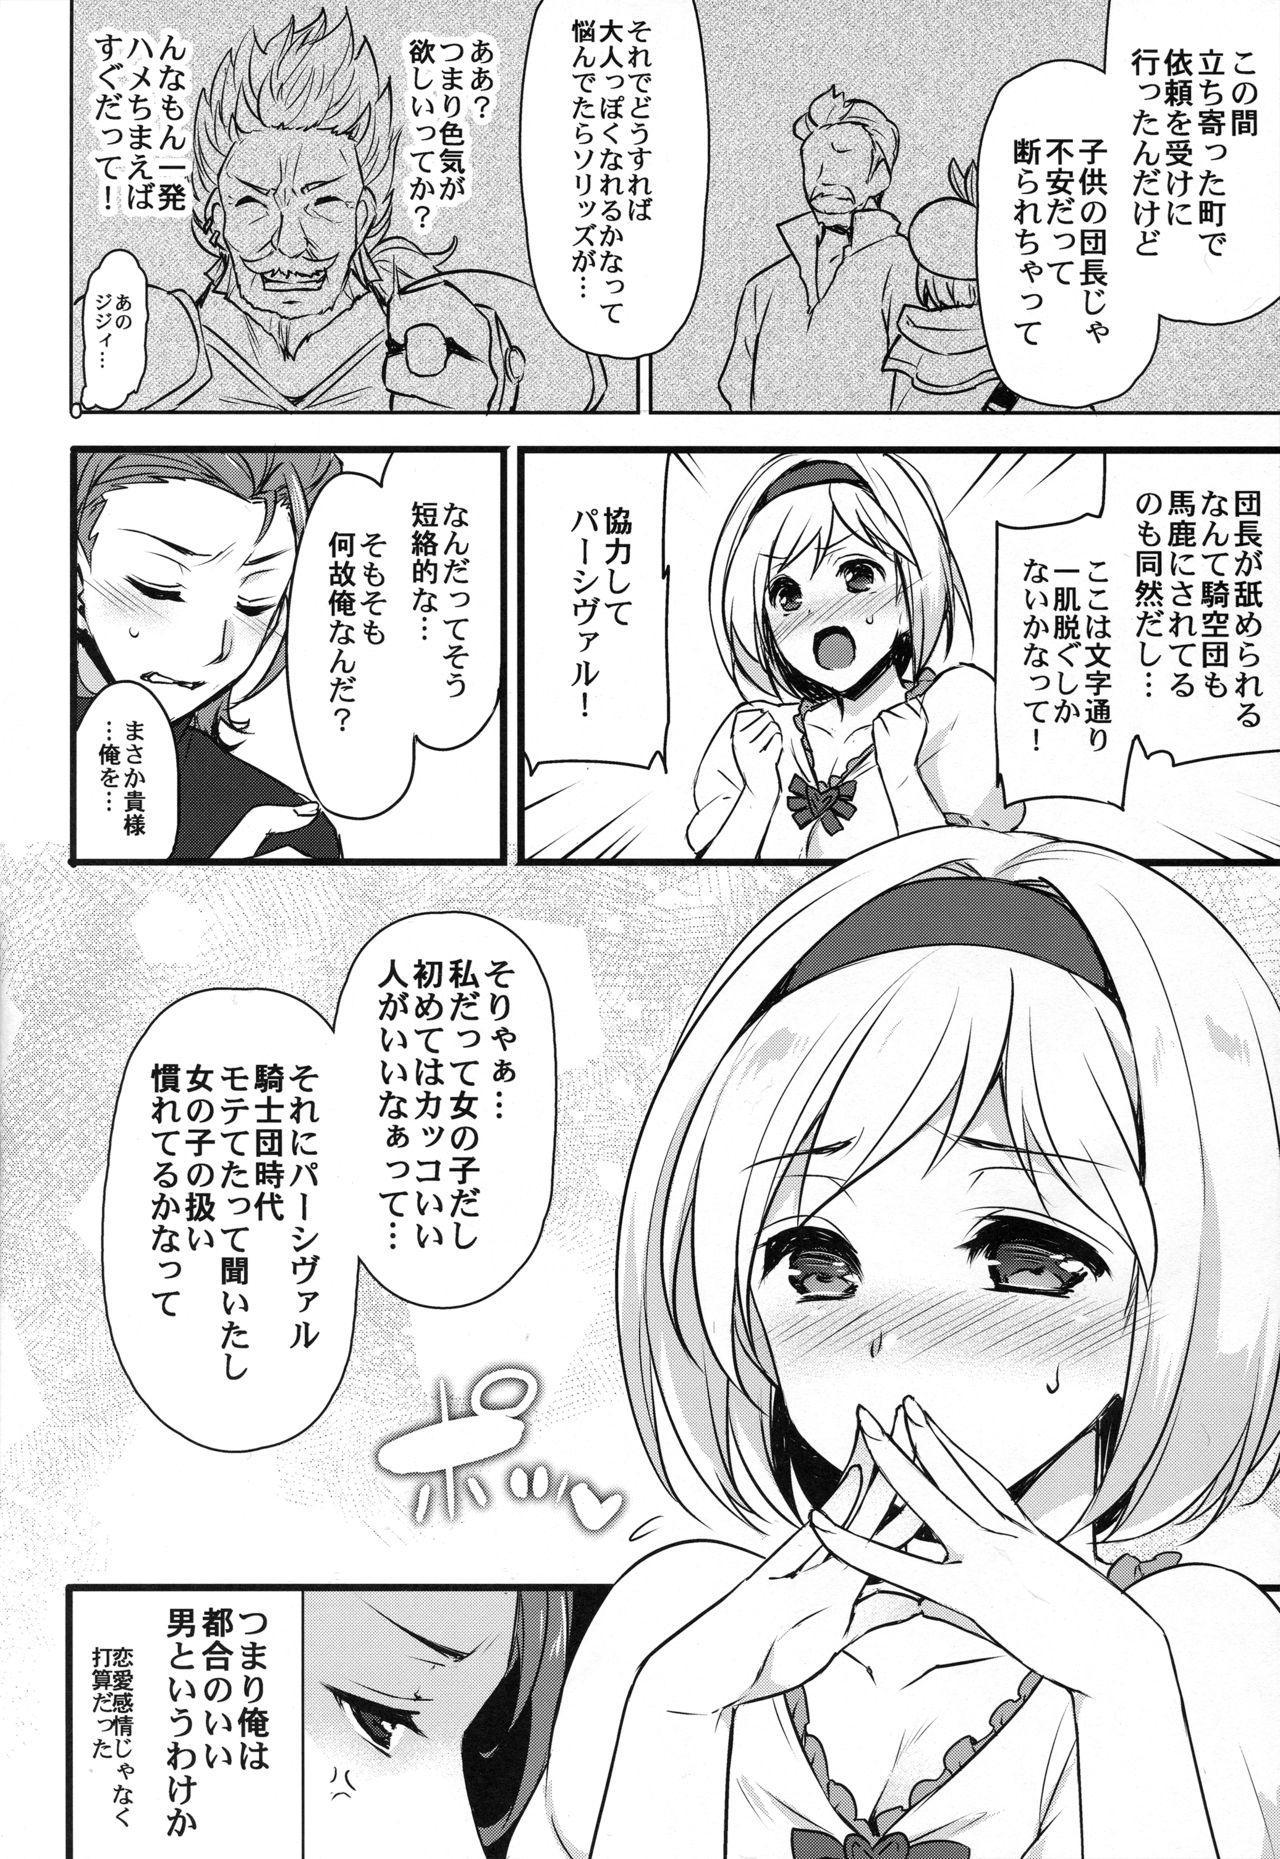 Djeeta-chan to Entei ga Sukebe suru 4